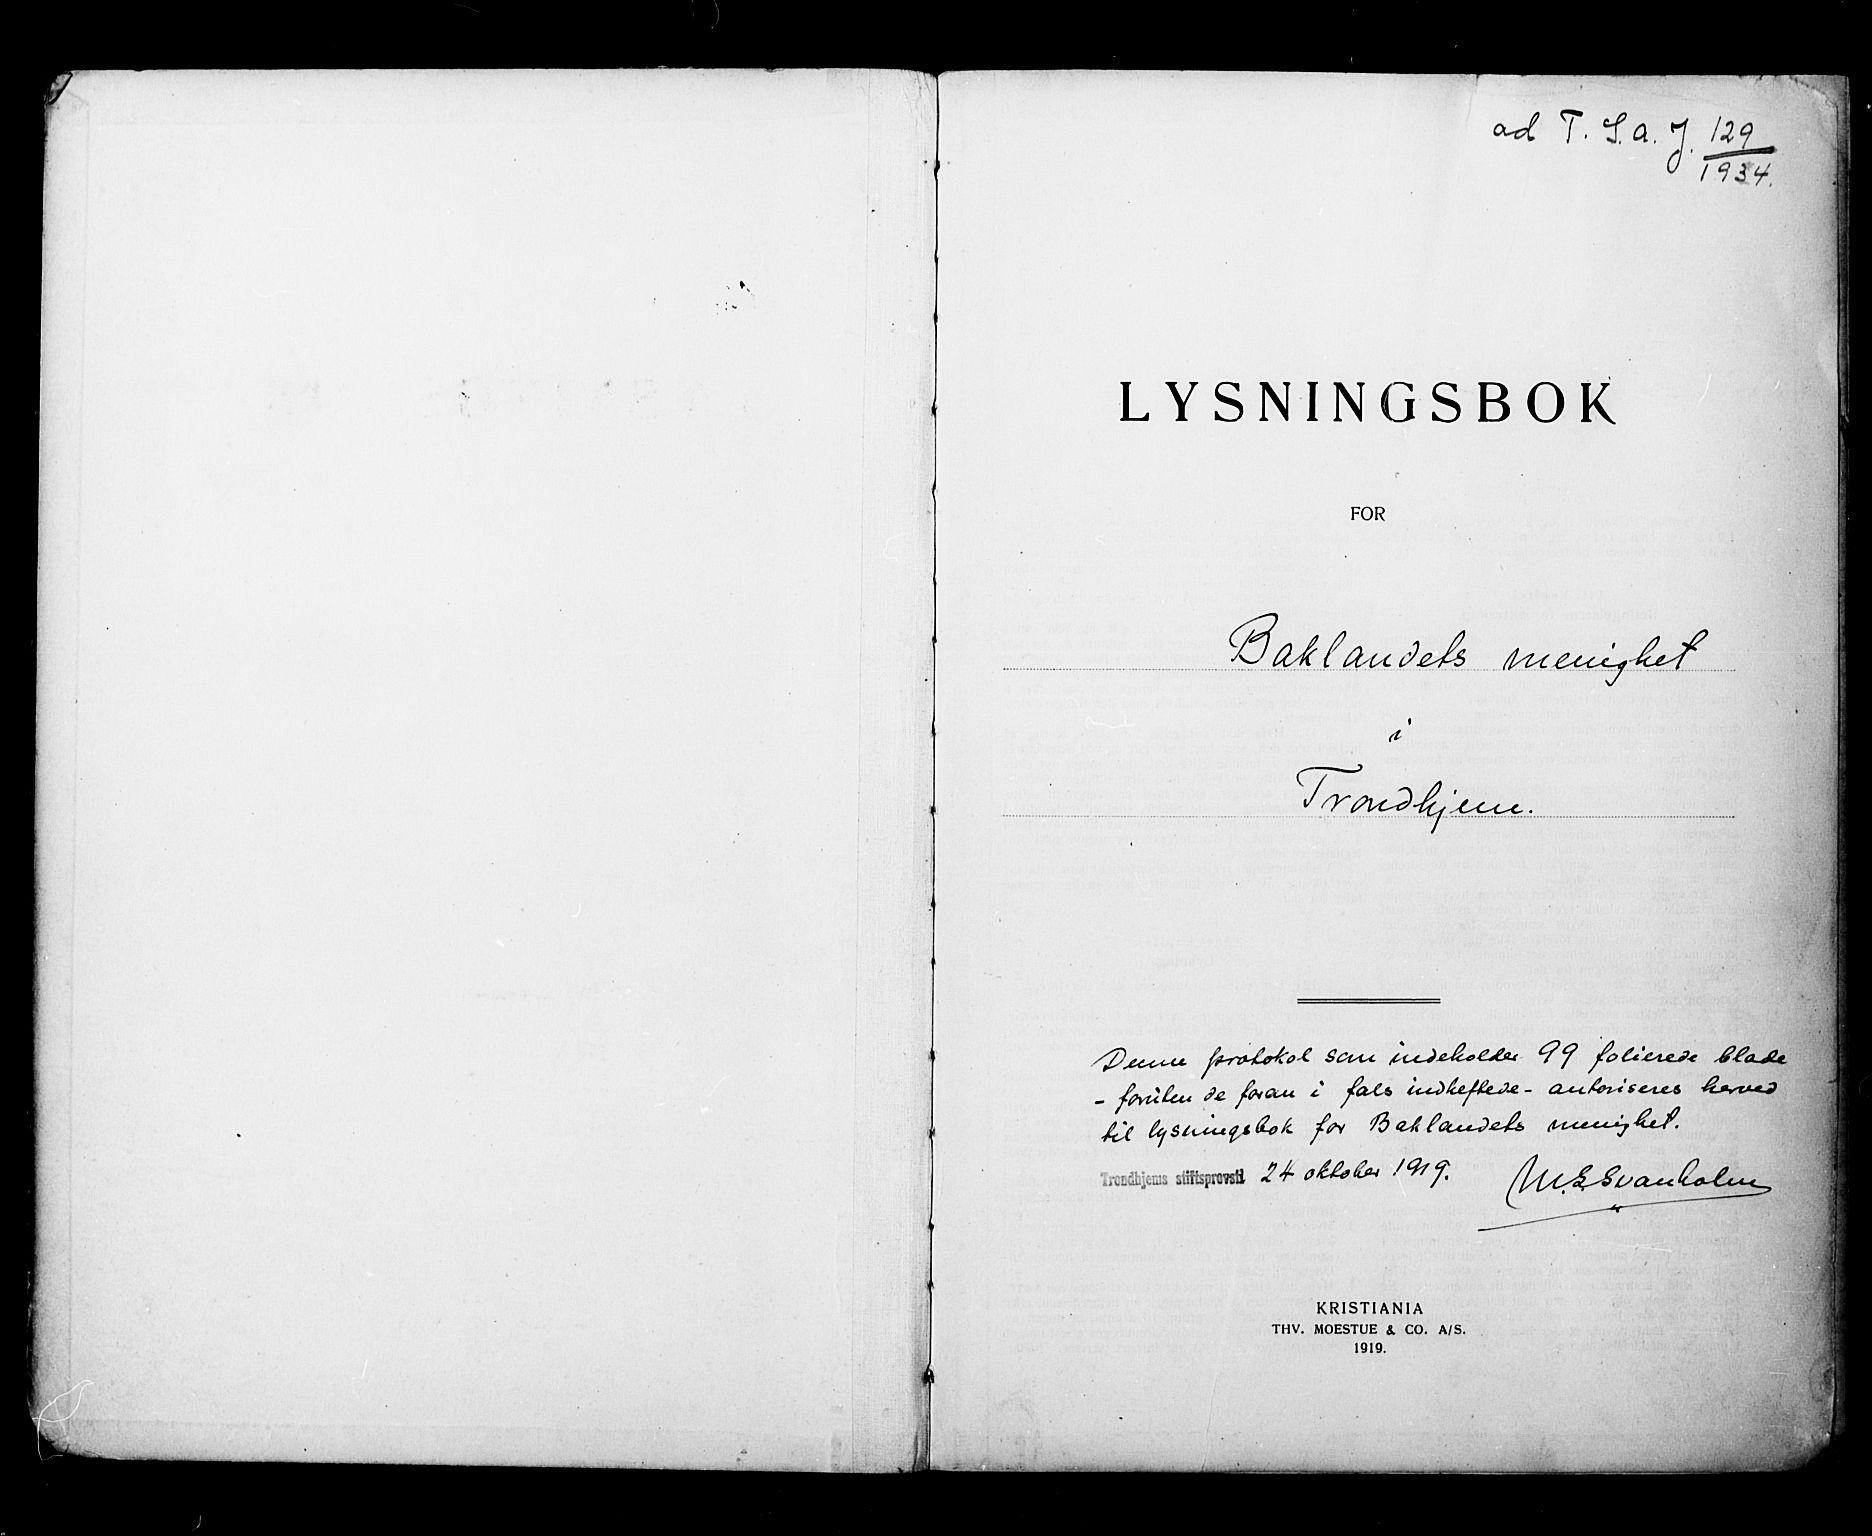 SAT, Ministerialprotokoller, klokkerbøker og fødselsregistre - Sør-Trøndelag, 604/L0196: Lysningsprotokoll nr. 604A17, 1919-1927